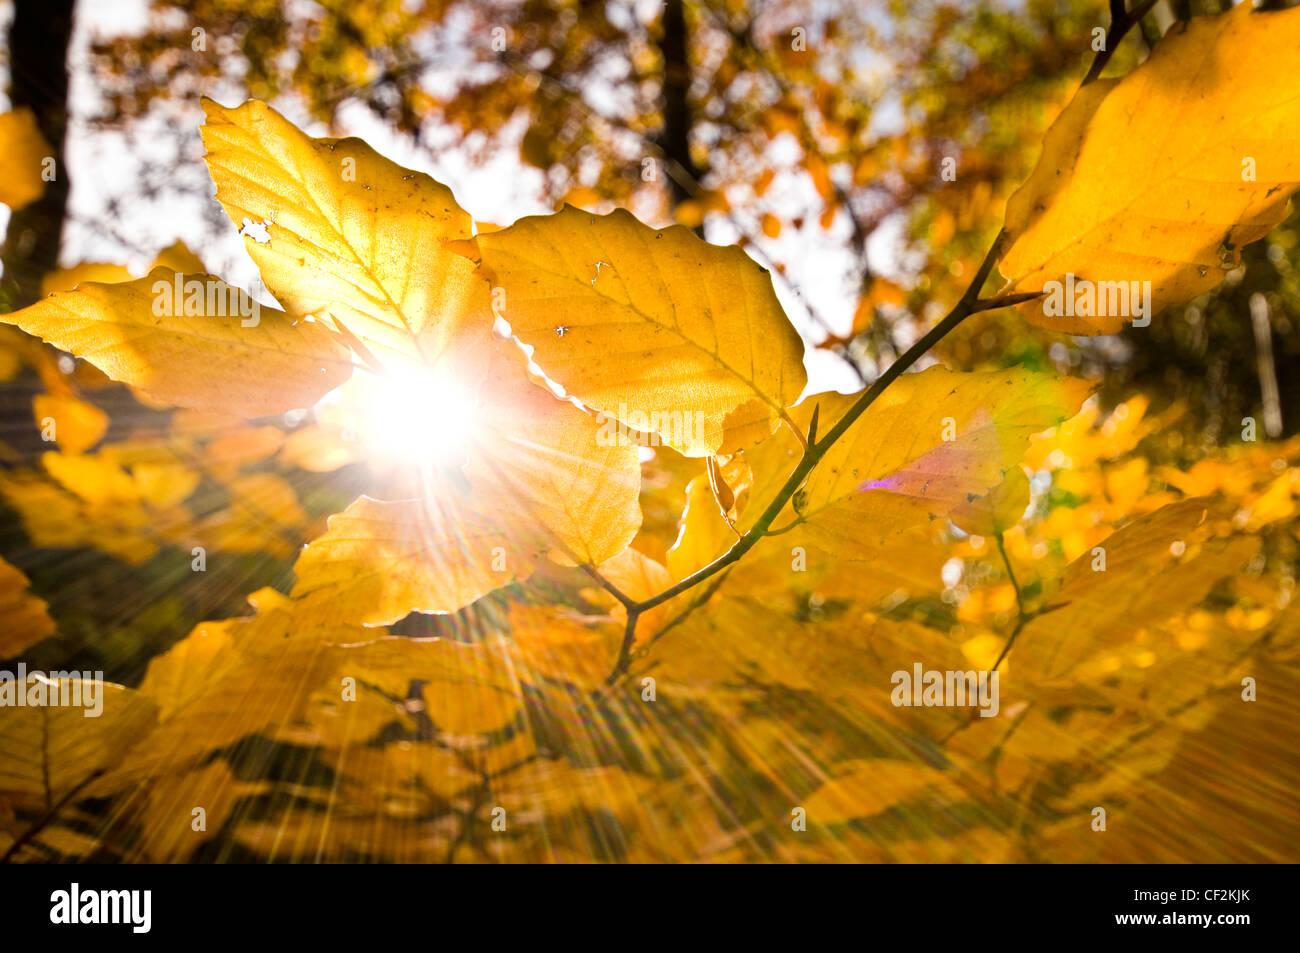 Sonne durch die goldenen Blätter einer Buche im Herbst. Stockbild